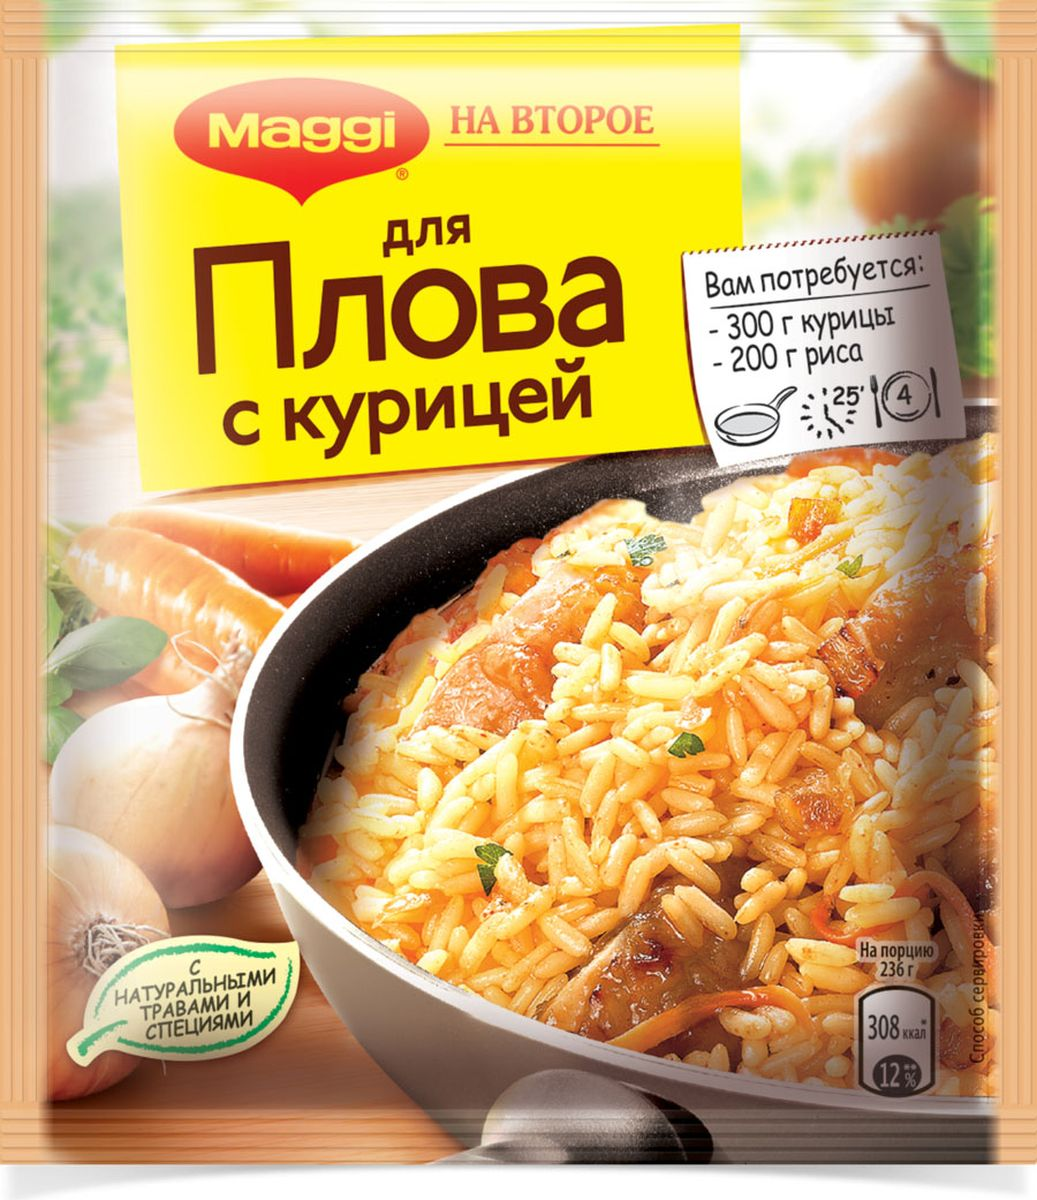 Maggi На второе для плова с курицей, 24 г12034935Плов - гордость национальных кухонь многих народов Средней Азии, Ближнего и Среднего Востока, Закавказья. Там это вкусное и сытное блюдо употребляется повседневно, но и торжественные события без него не обходятся. Есть огромное количество вариантов приготовления — с мясом, рыбой, овощами и фруктами. Maggi предлагает вам замечательный рецепт плова с курицей. Приправа Maggi На второе уже содержит все необходимые для плова ингредиенты, которые стали еще вкуснее благодаря уникальному сочетанию натуральных трав и специй. А пошаговые фото помогут вам приготовить плов на обед или ужин очень быстро и без лишних хлопот.Продукт может содержать незначительное количество молока, сельдерея, глютена.Уважаемые клиенты! Обращаем ваше внимание на то, что упаковка может иметь несколько видов дизайна. Поставка осуществляется в зависимости от наличия на складе.